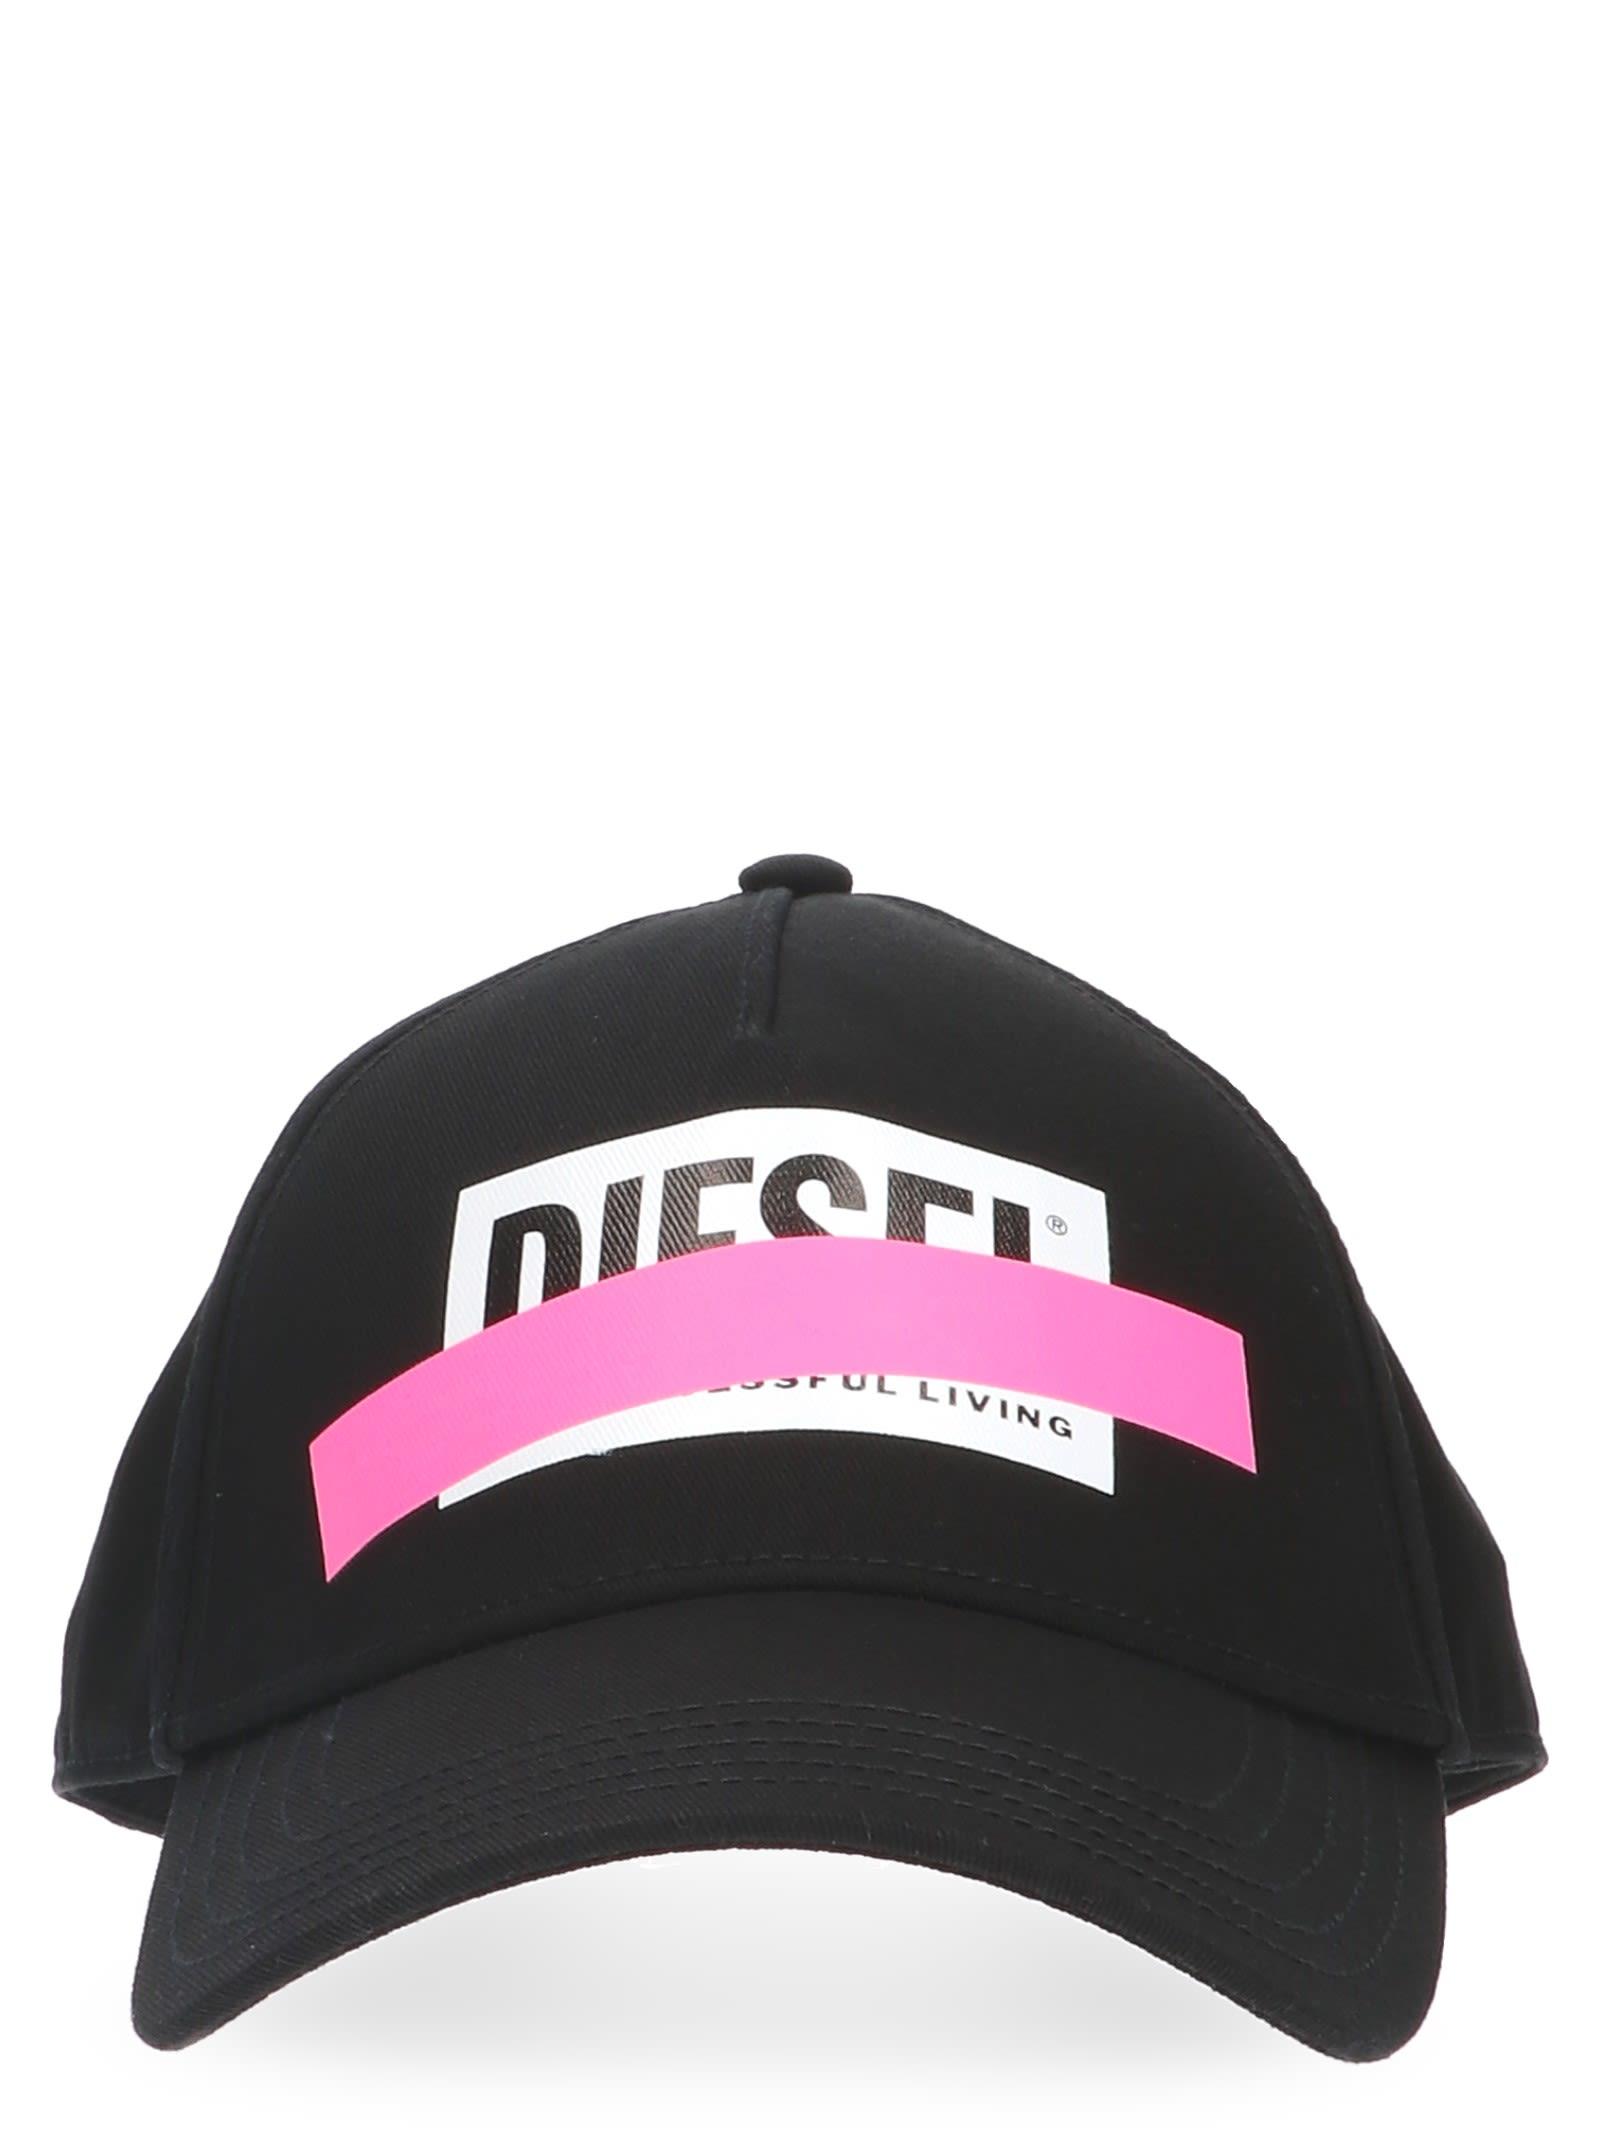 Diesel Diesel  ciride  Cap - Black - 10804664  368b2ed95b2f